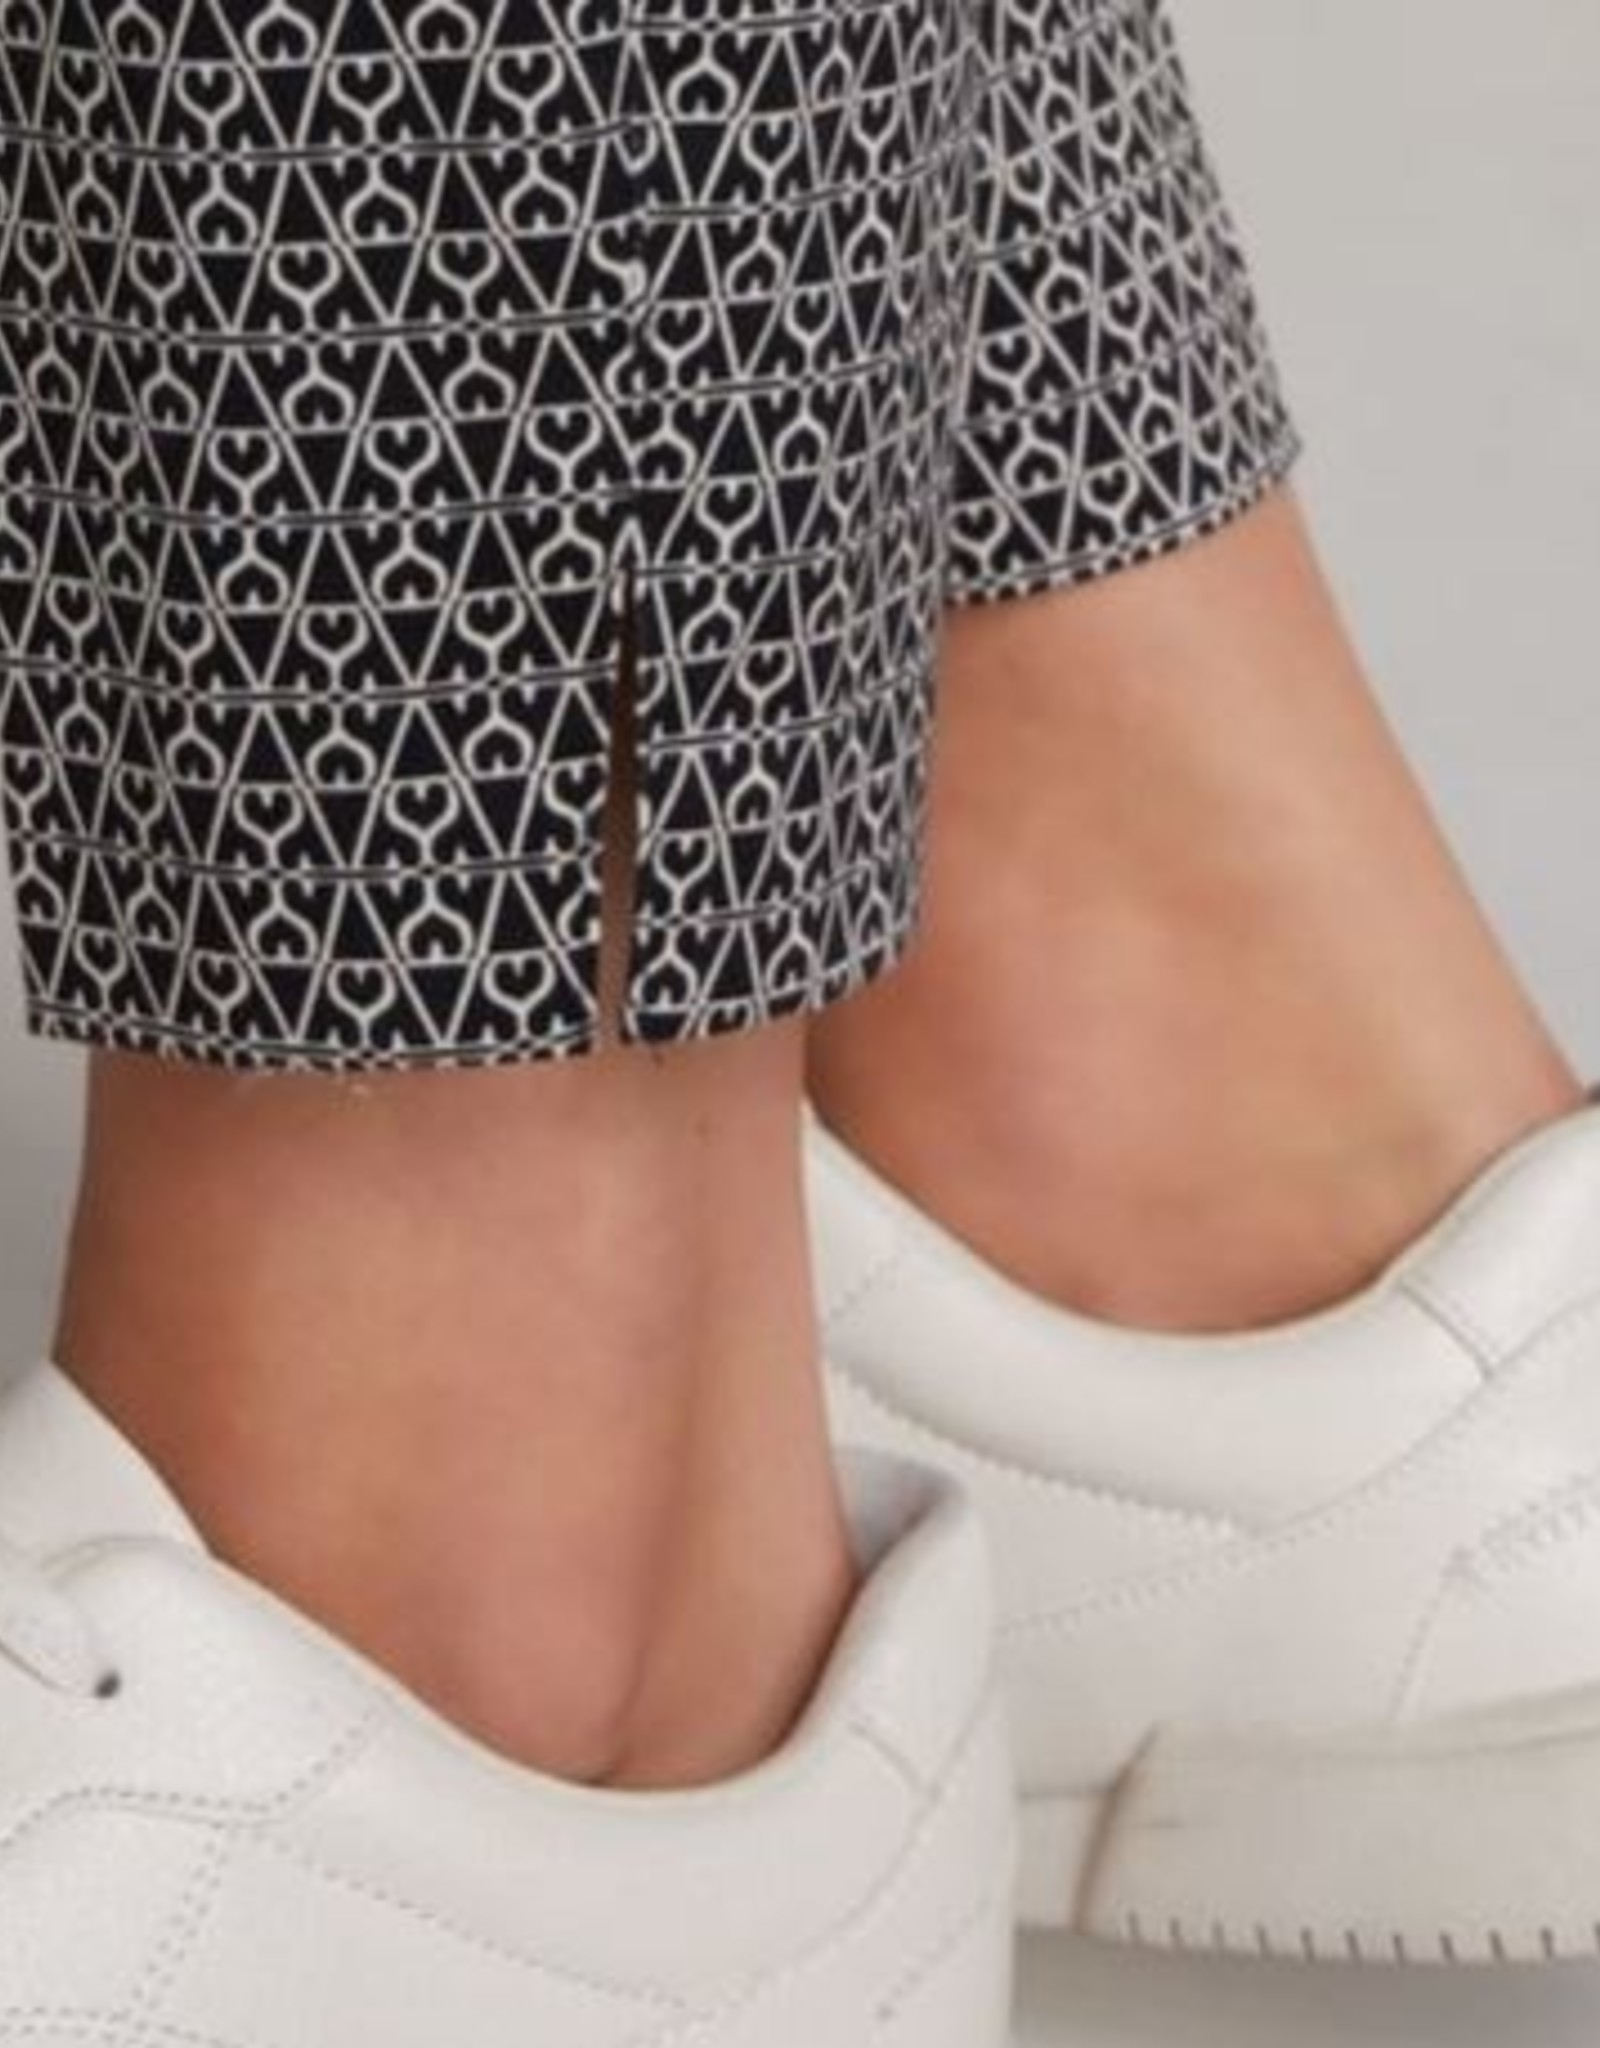 Oui Pantalon Black White Print